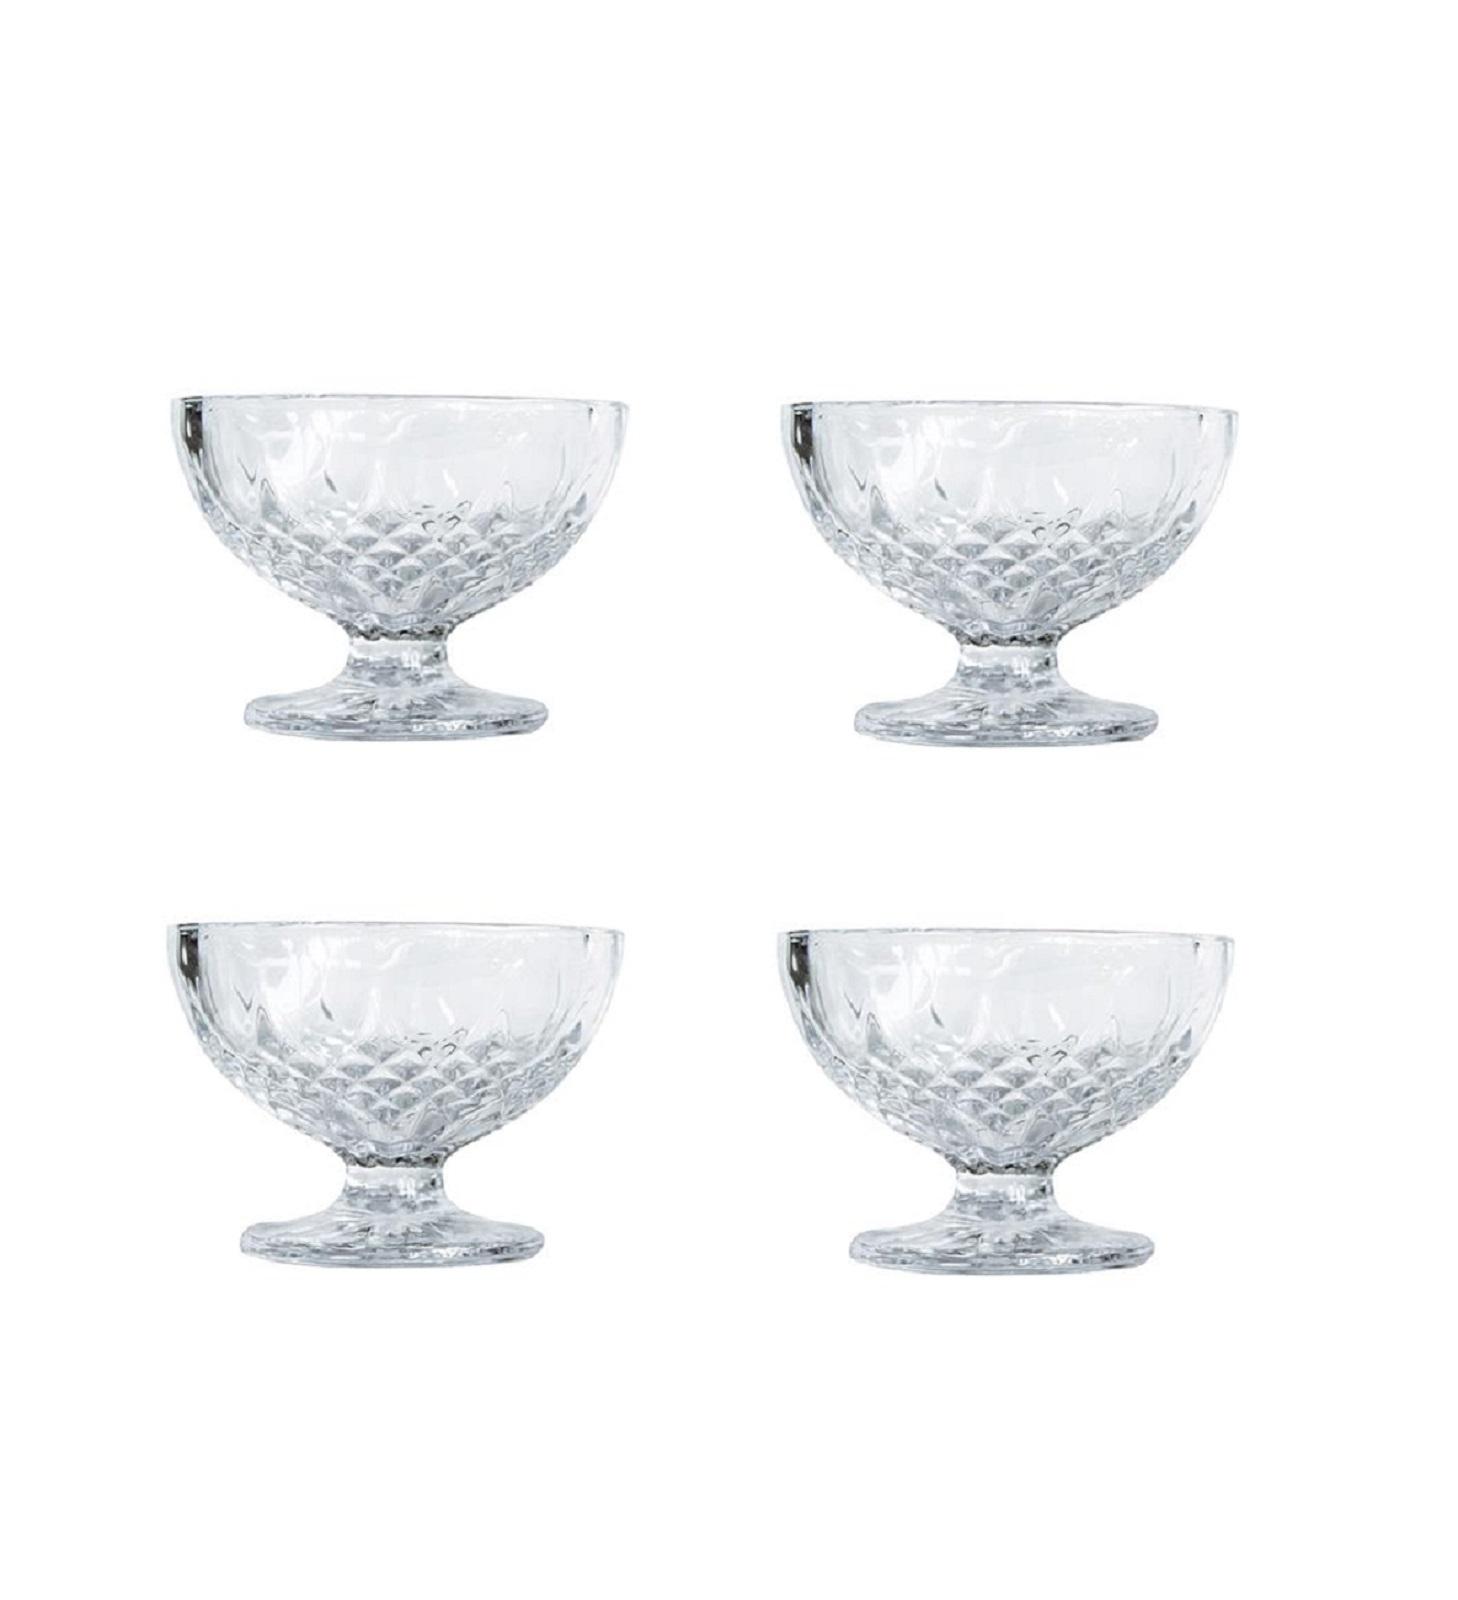 Онлайн каталог PROMENU: Набор креманок для десерта Aida HARVEY, диаметр 10,5 см, высота 8 см, прозрачный, 4 штуки                               80342